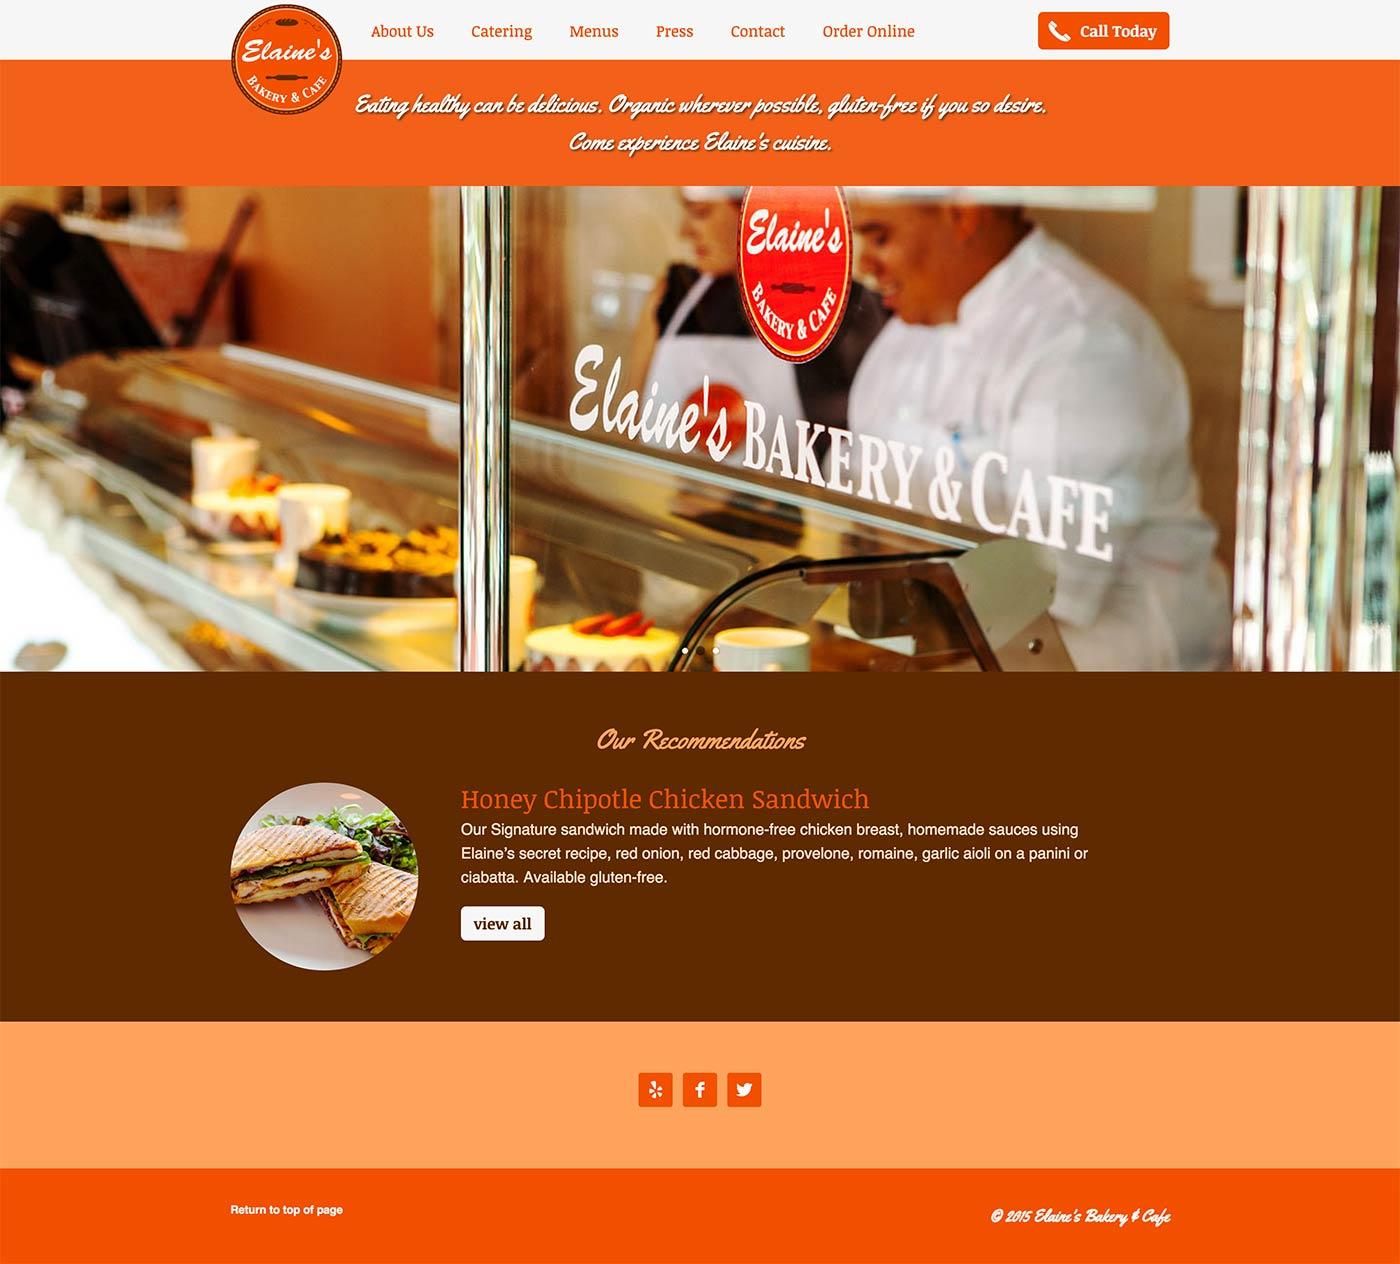 elainesbakeryandcafe.com-2015-02-07-15-17-23